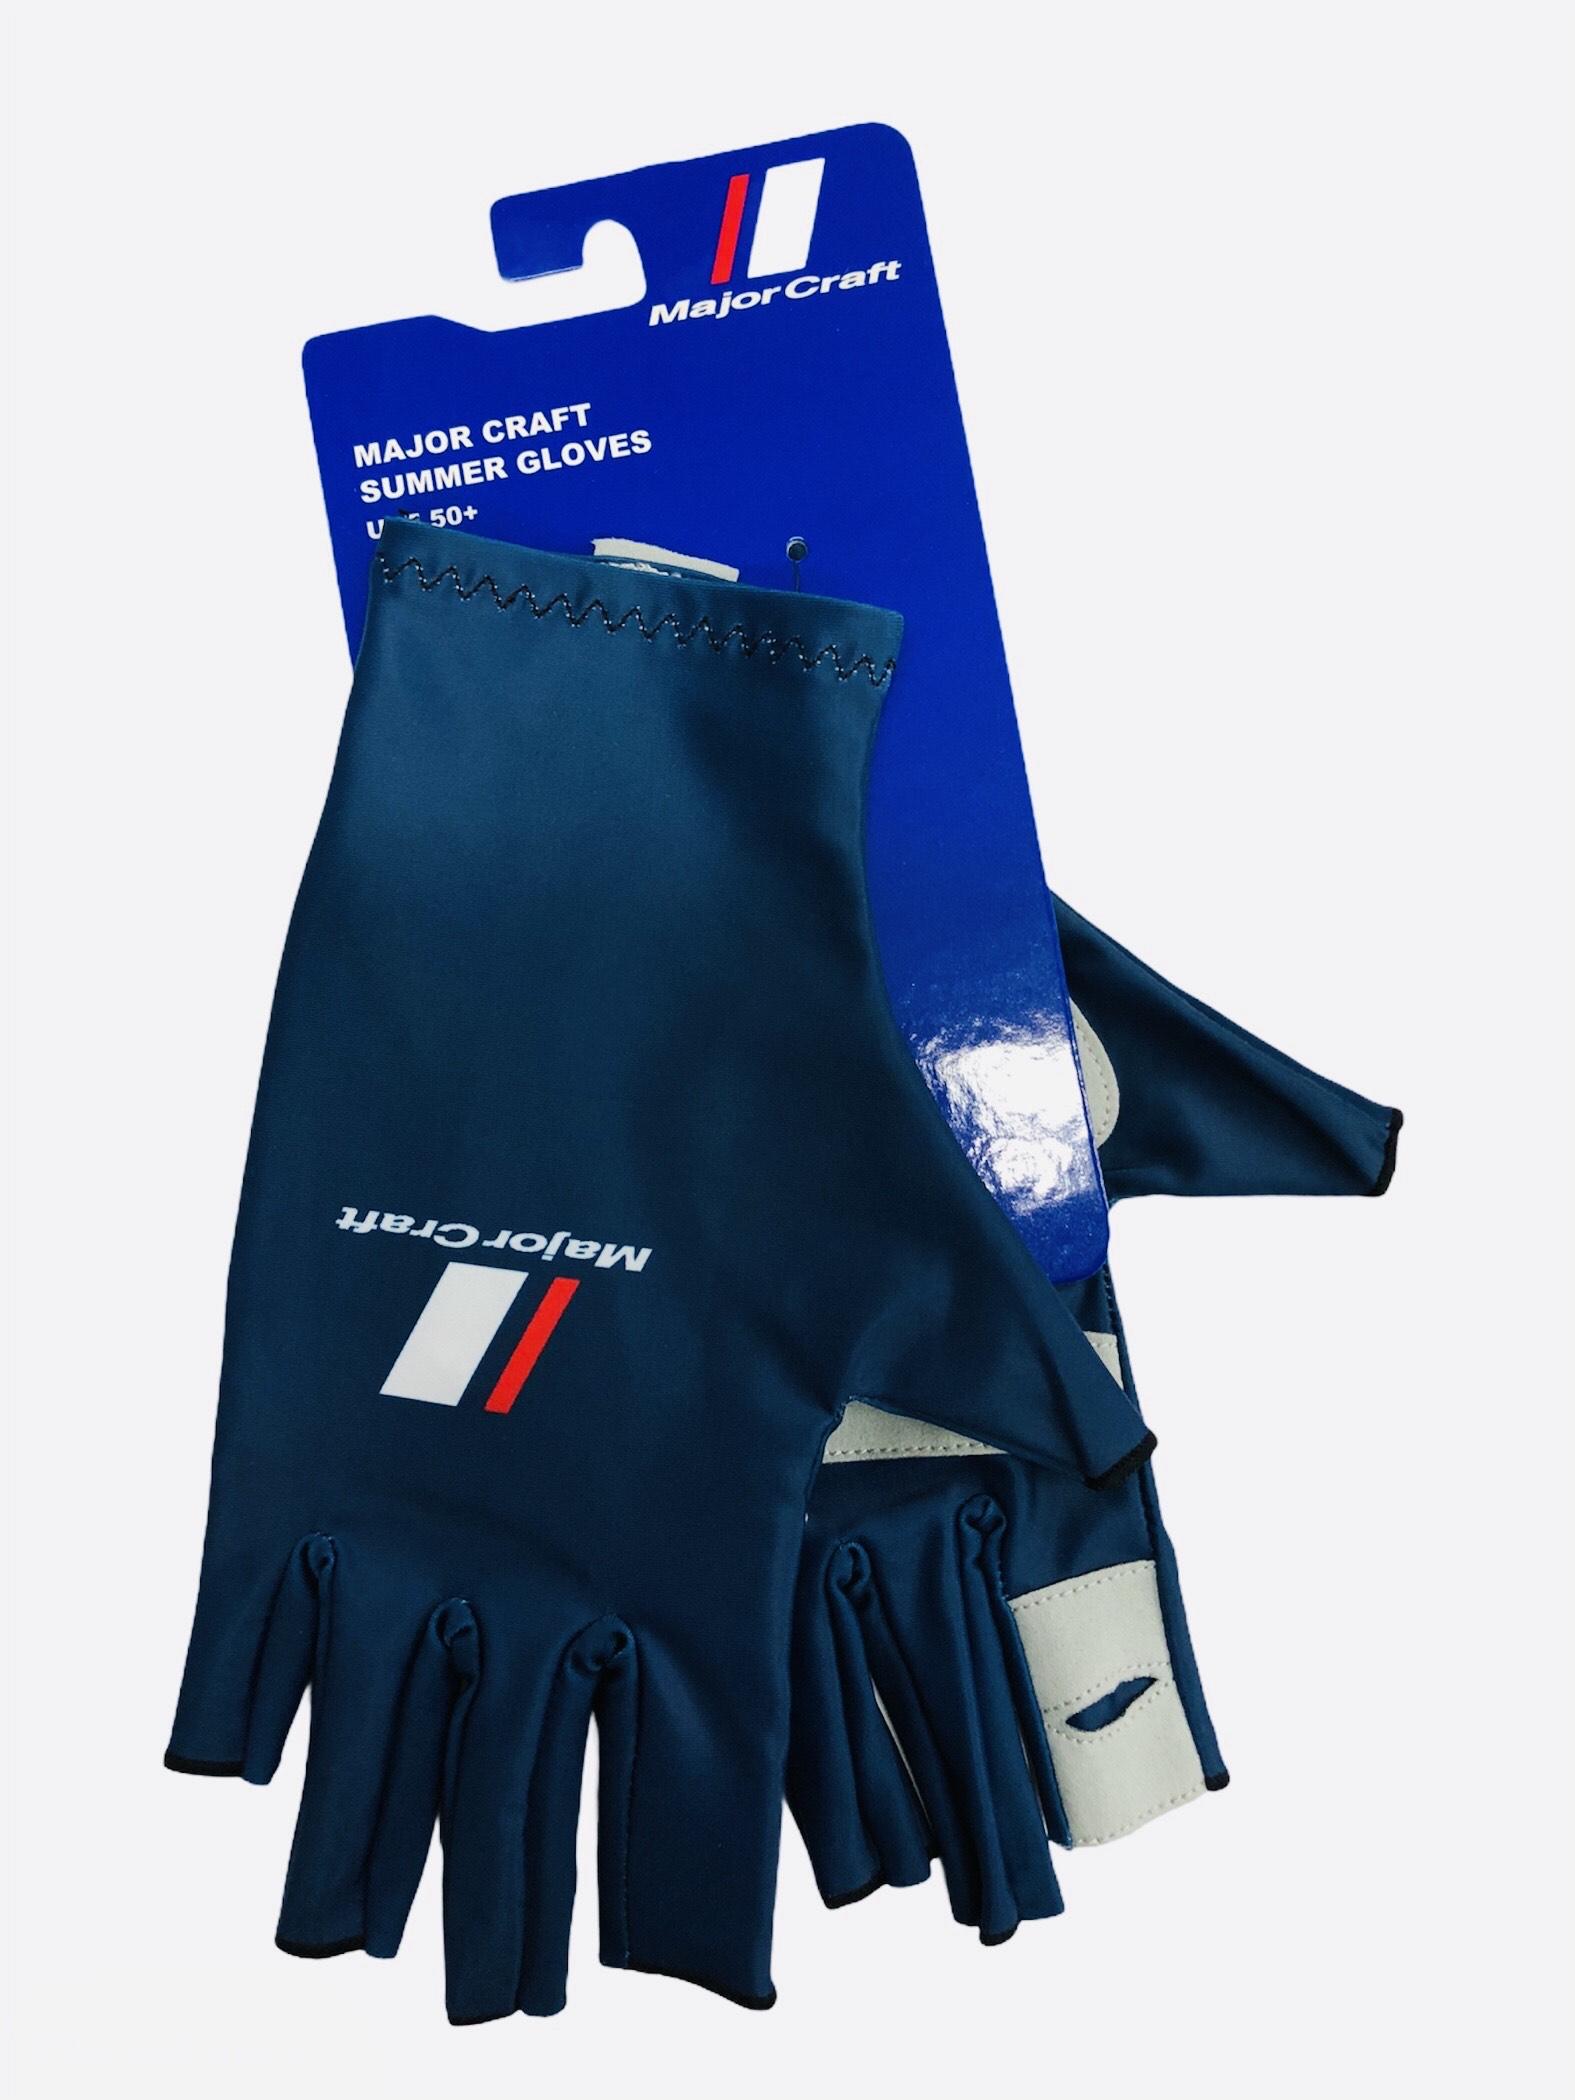 Major craft guantes talla (M)